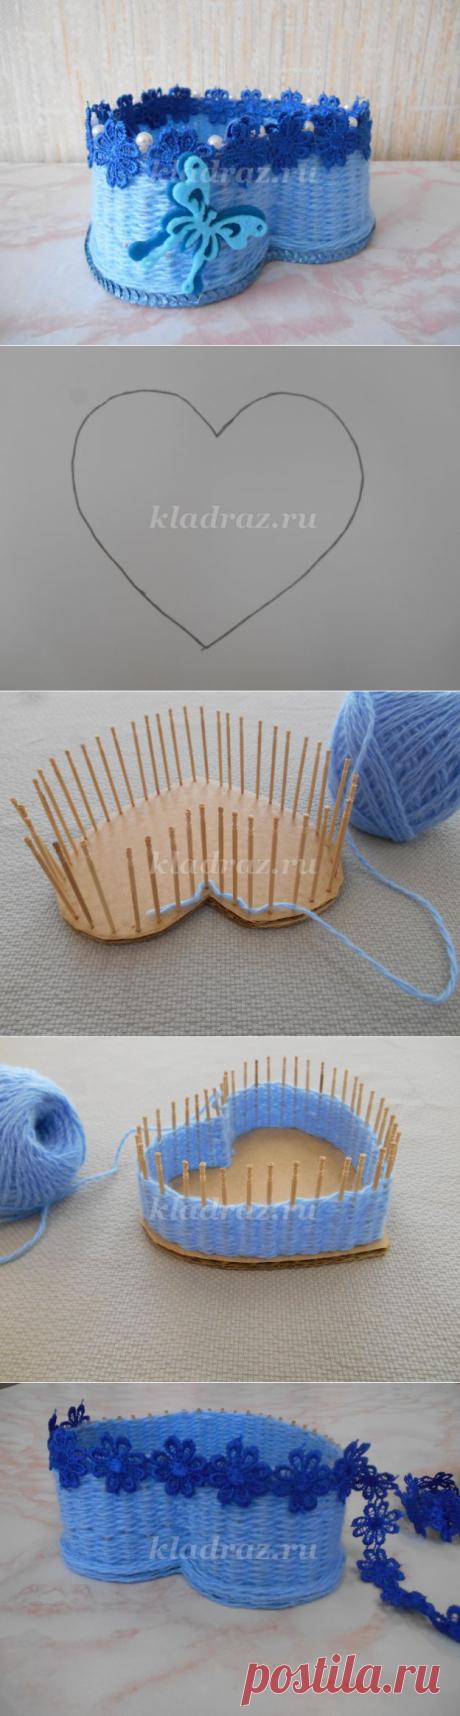 Плетем шкатулку своими руками — Сделай сам, идеи для творчества - DIY Ideas